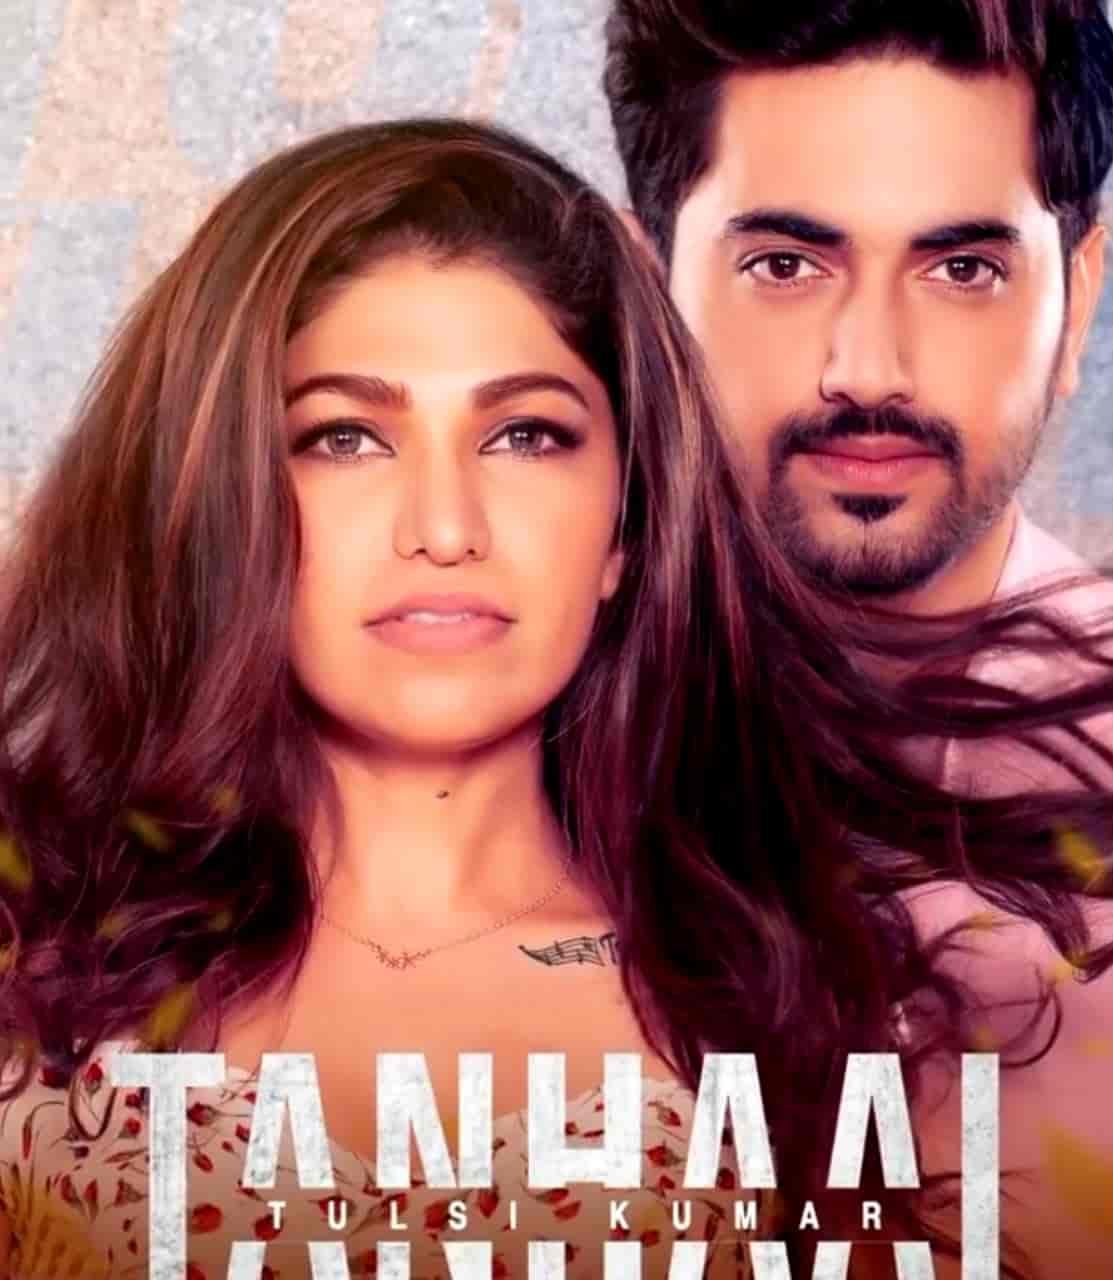 Tanhaai Sad Hindi Song Image Features Tulsi Kumar and Zain Imam